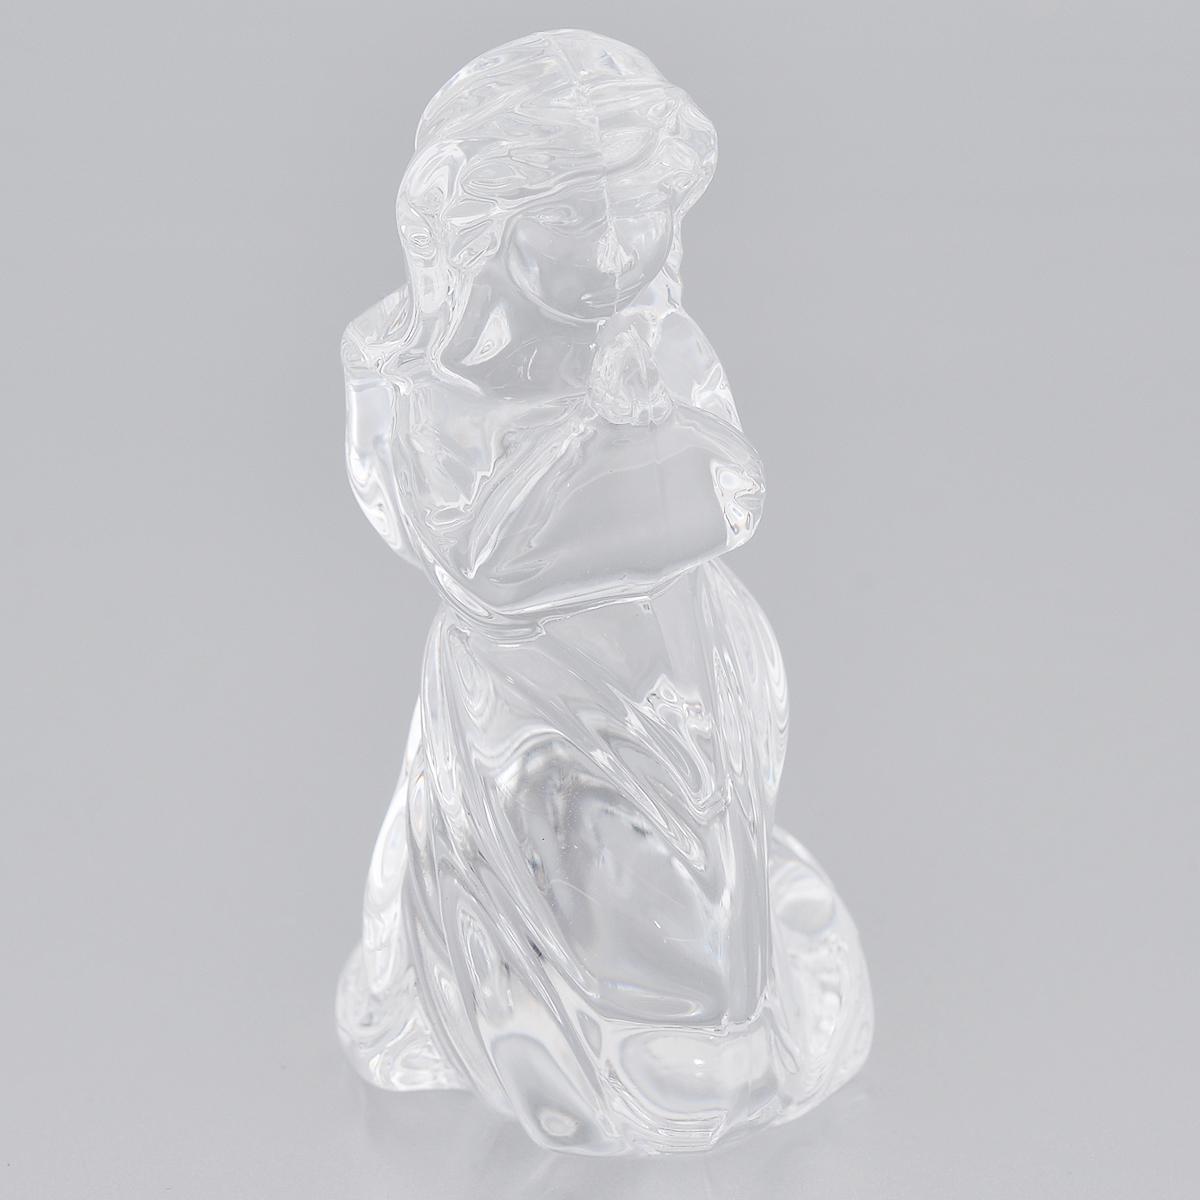 Фигурка декоративная Crystal Bohemia Ангел, высота 8 см990/74853/0/58900/074-109Фигурка Crystal Bohemia Ангел изготовлена из высококачественного хрусталя. Фигурка выполнена в виде ангела и сочетает в себе изысканный дизайн и лаконичность. Она прекрасно подойдет для декора интерьера дома или офиса и станет достойным дополнением к вашей коллекции. Вы можете поставить фигурку в любом месте, где она будет удачно смотреться и радовать глаз. Кроме того - это отличный вариант подарка для ваших близких и друзей. Высота: 8 см.